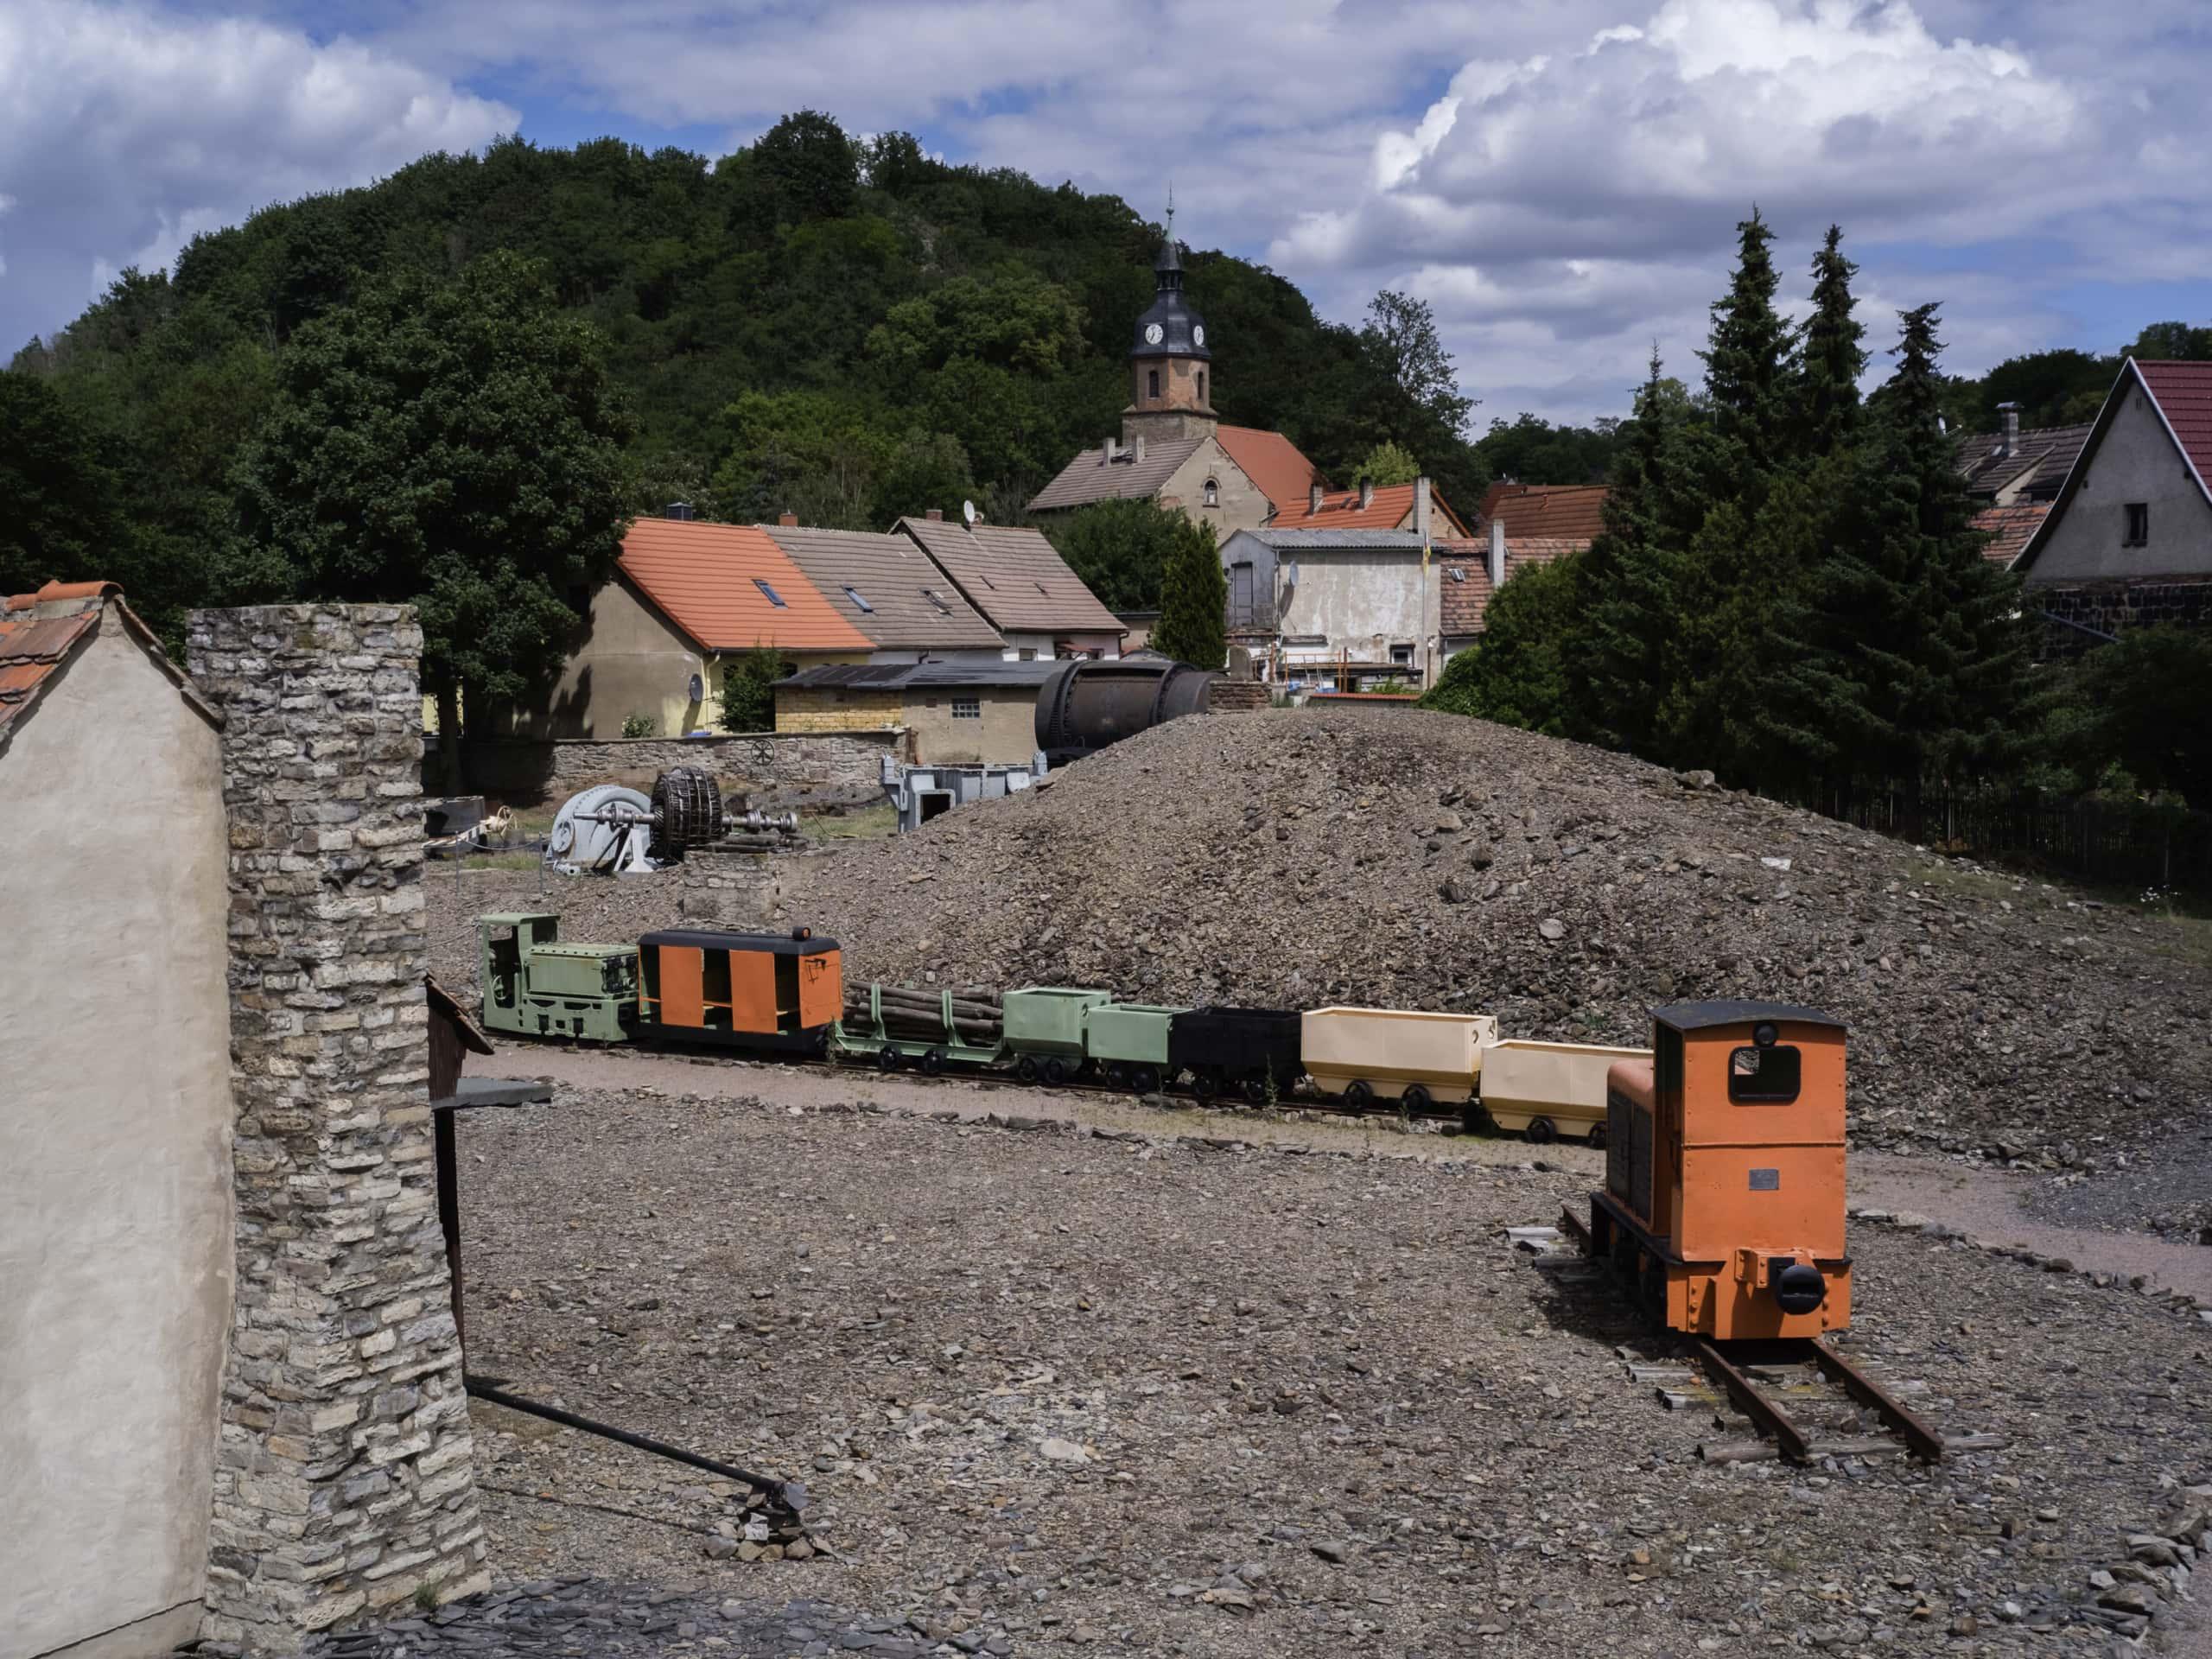 Industriekultur – Humboldt-Schloß Hettstedt